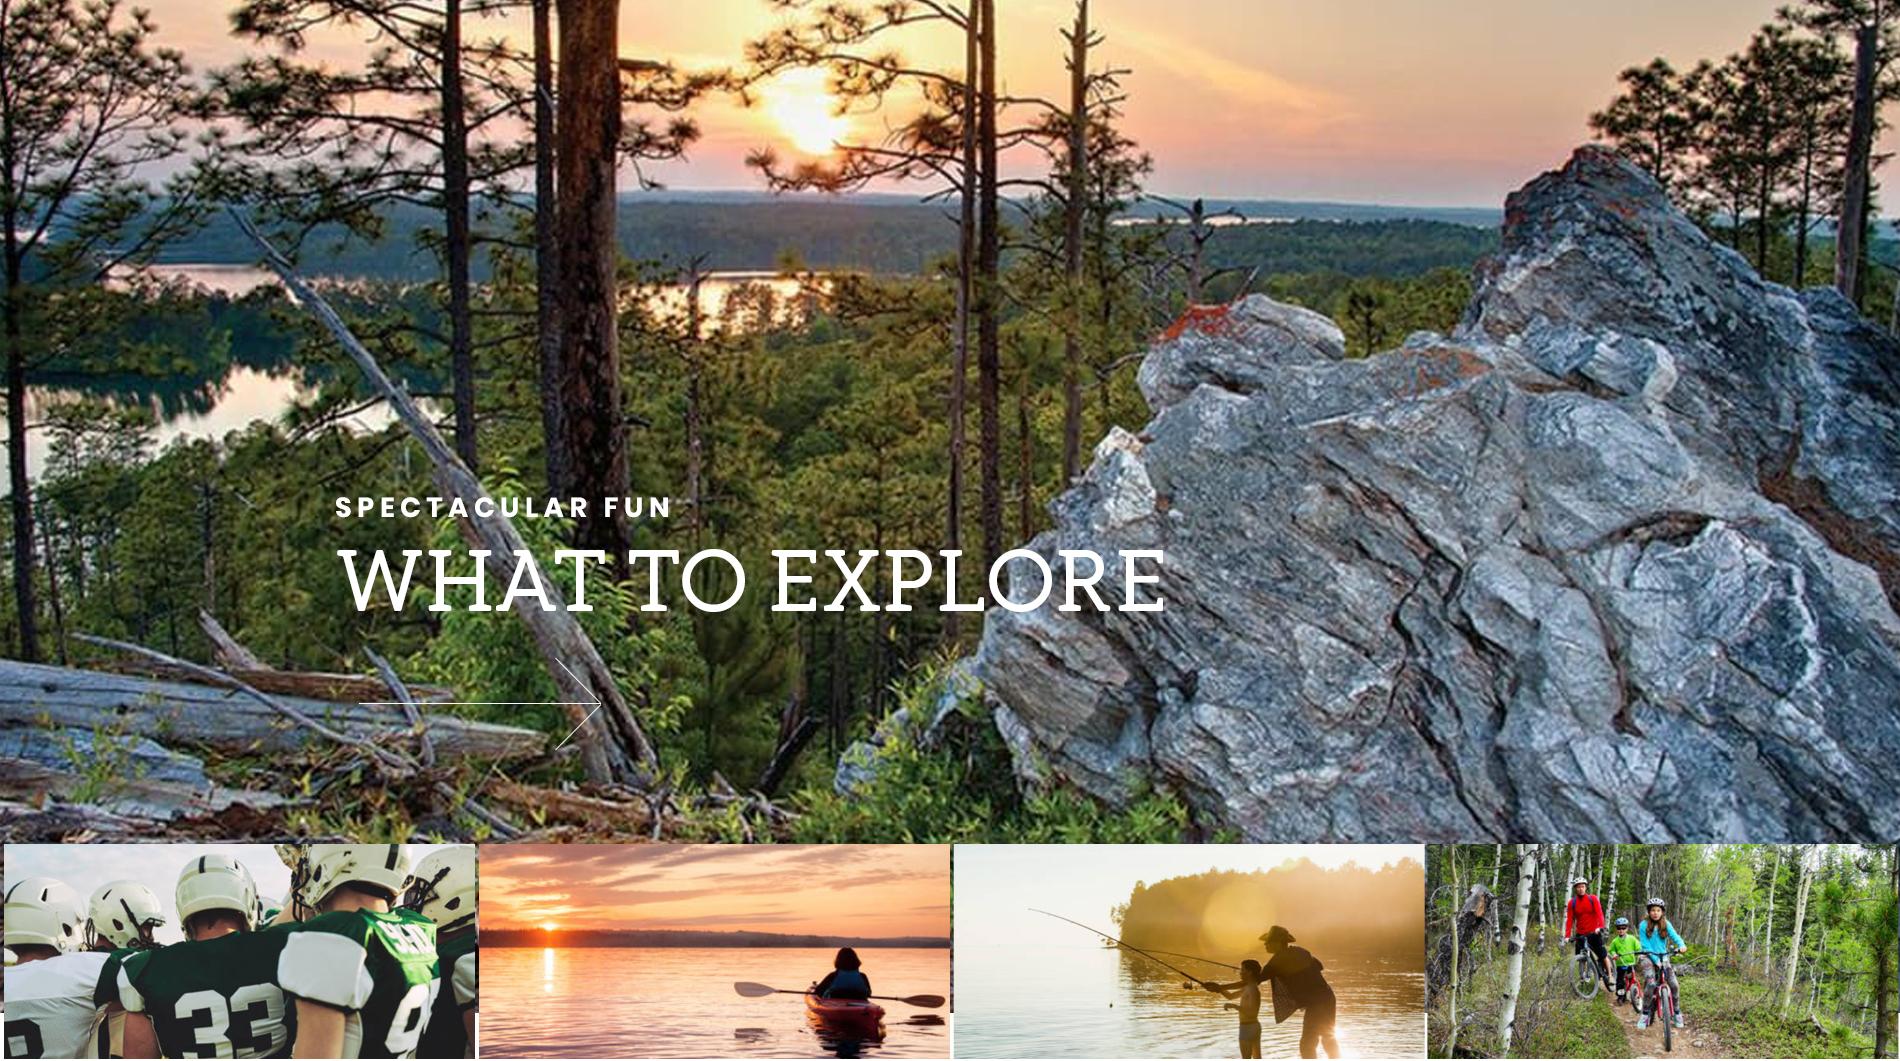 Where to Explore